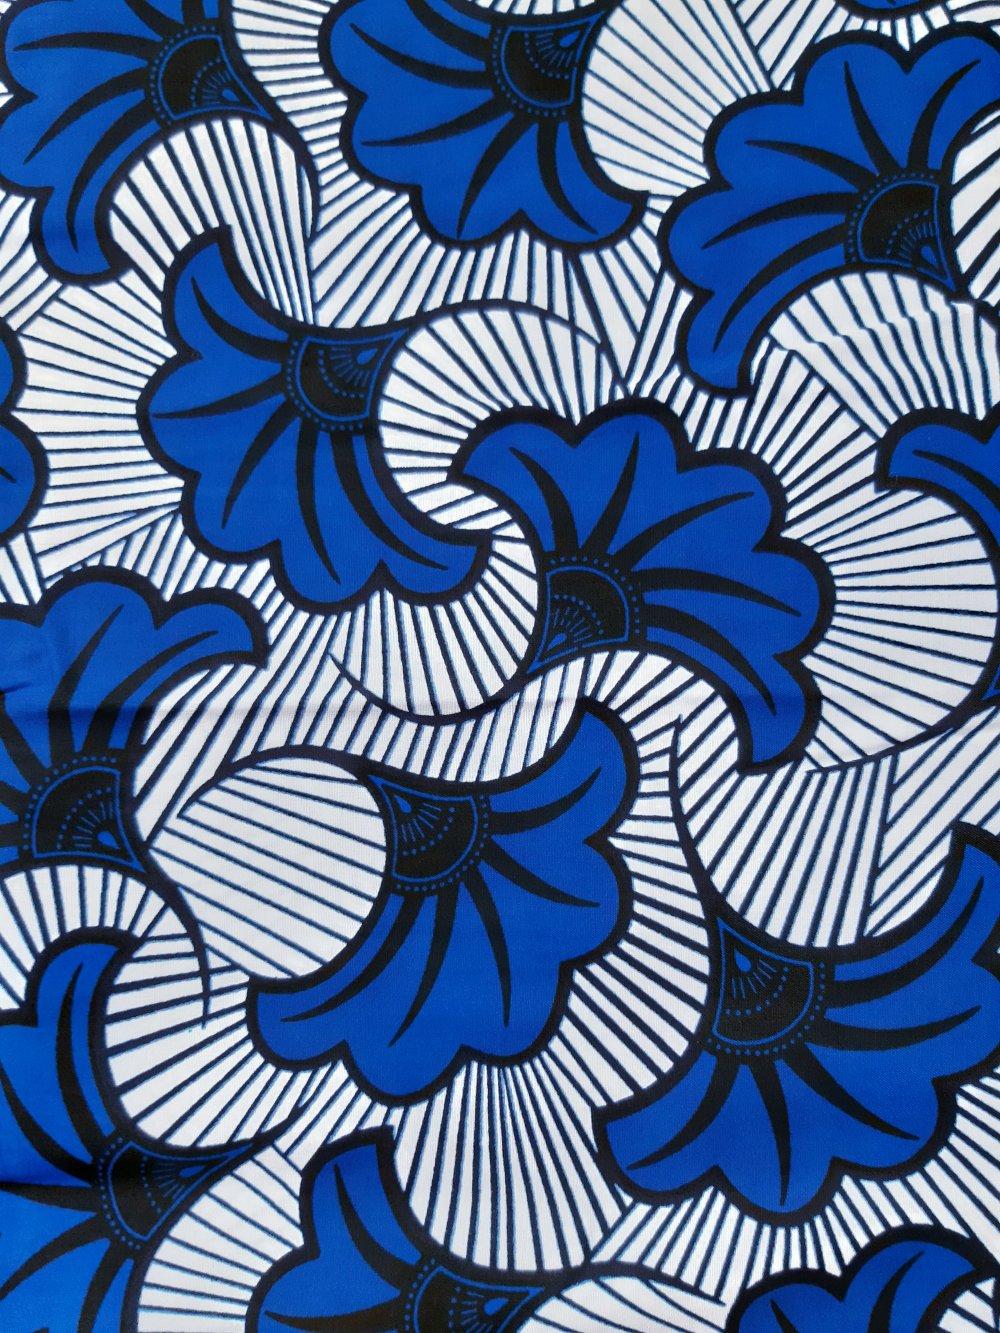 Tissu wax - par 50 centimètres - fleurs de mariage bleues sur fond blanc - 100% coton - Tissu africain - pagne